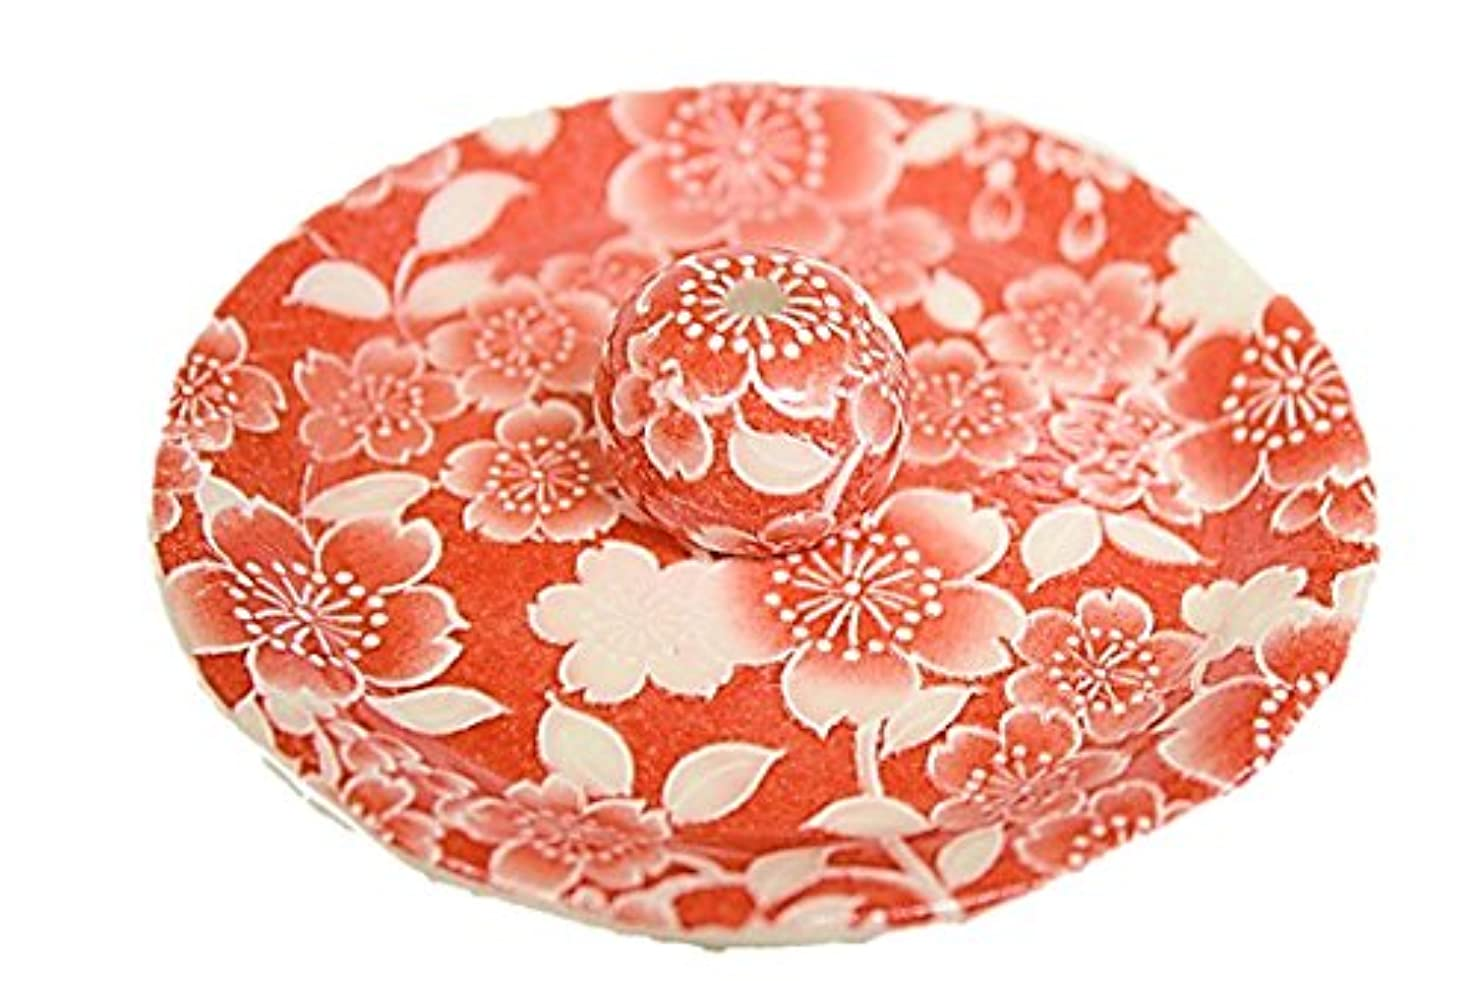 アーク建物更新する9-27 桜友禅 赤 9cm香皿 お香立て お香たて 陶器 日本製 製造 直売